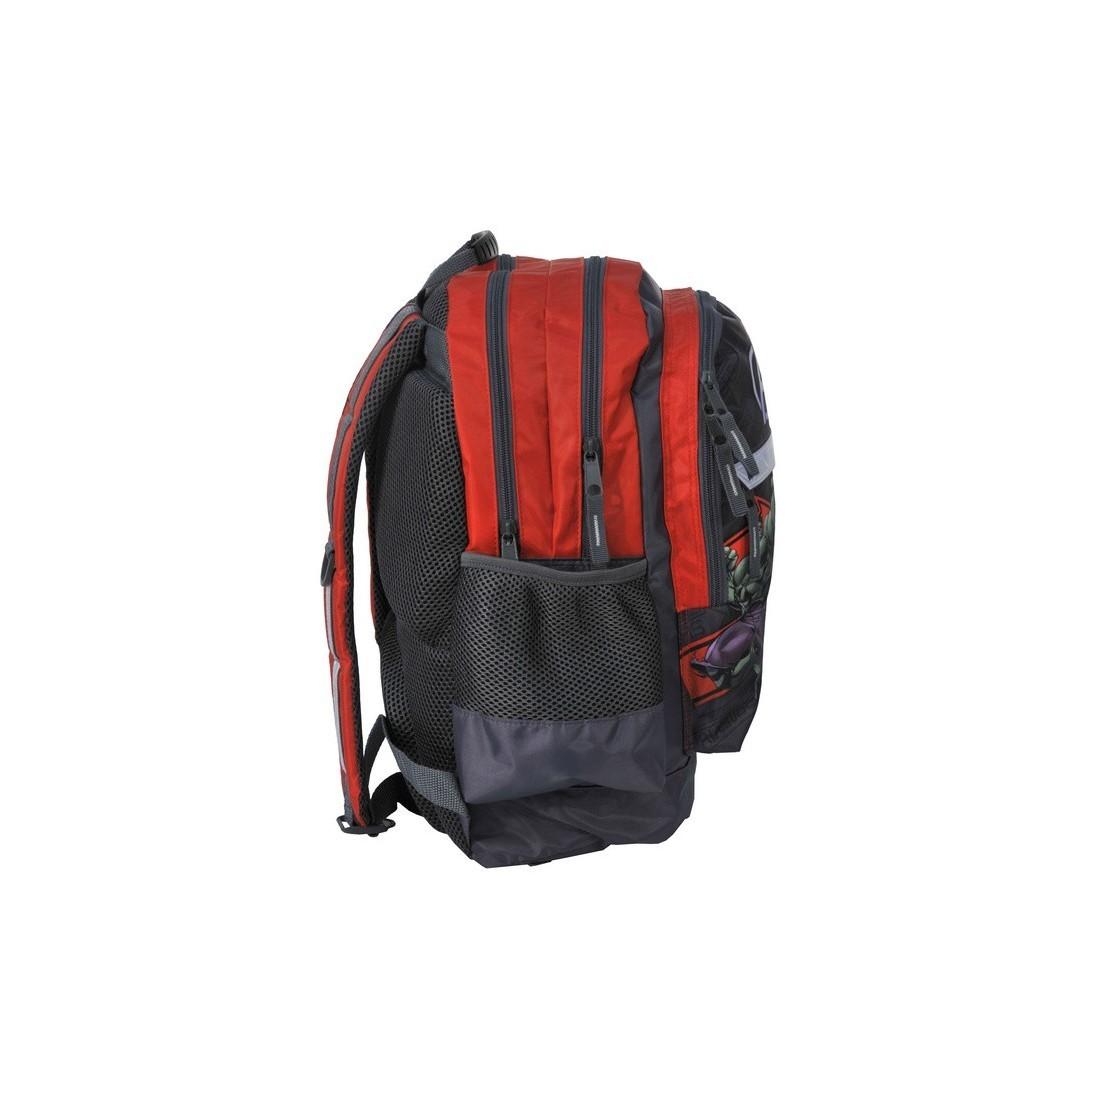 Plecak szkolny Avengers szaro czerwony z odblaskiem - plecak-tornister.pl